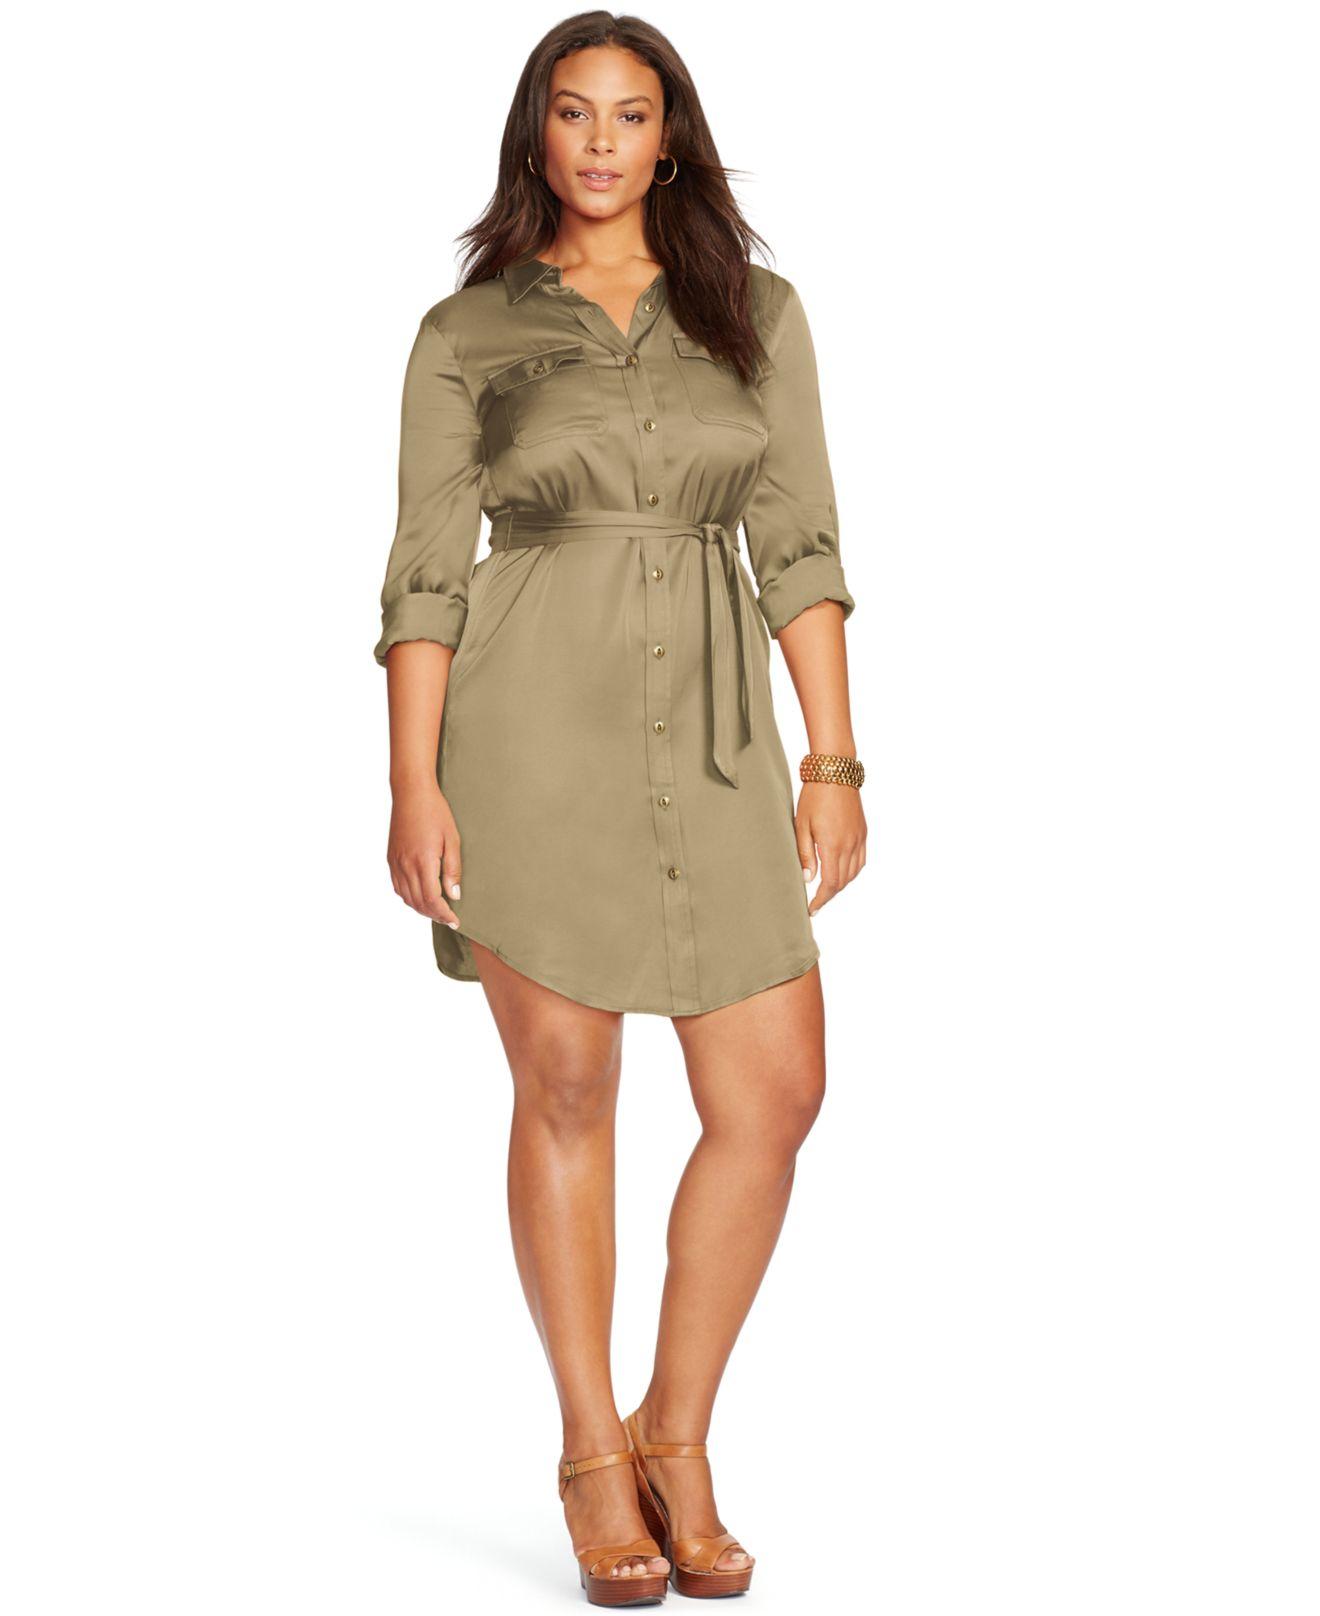 Image result for olive lavender short gown